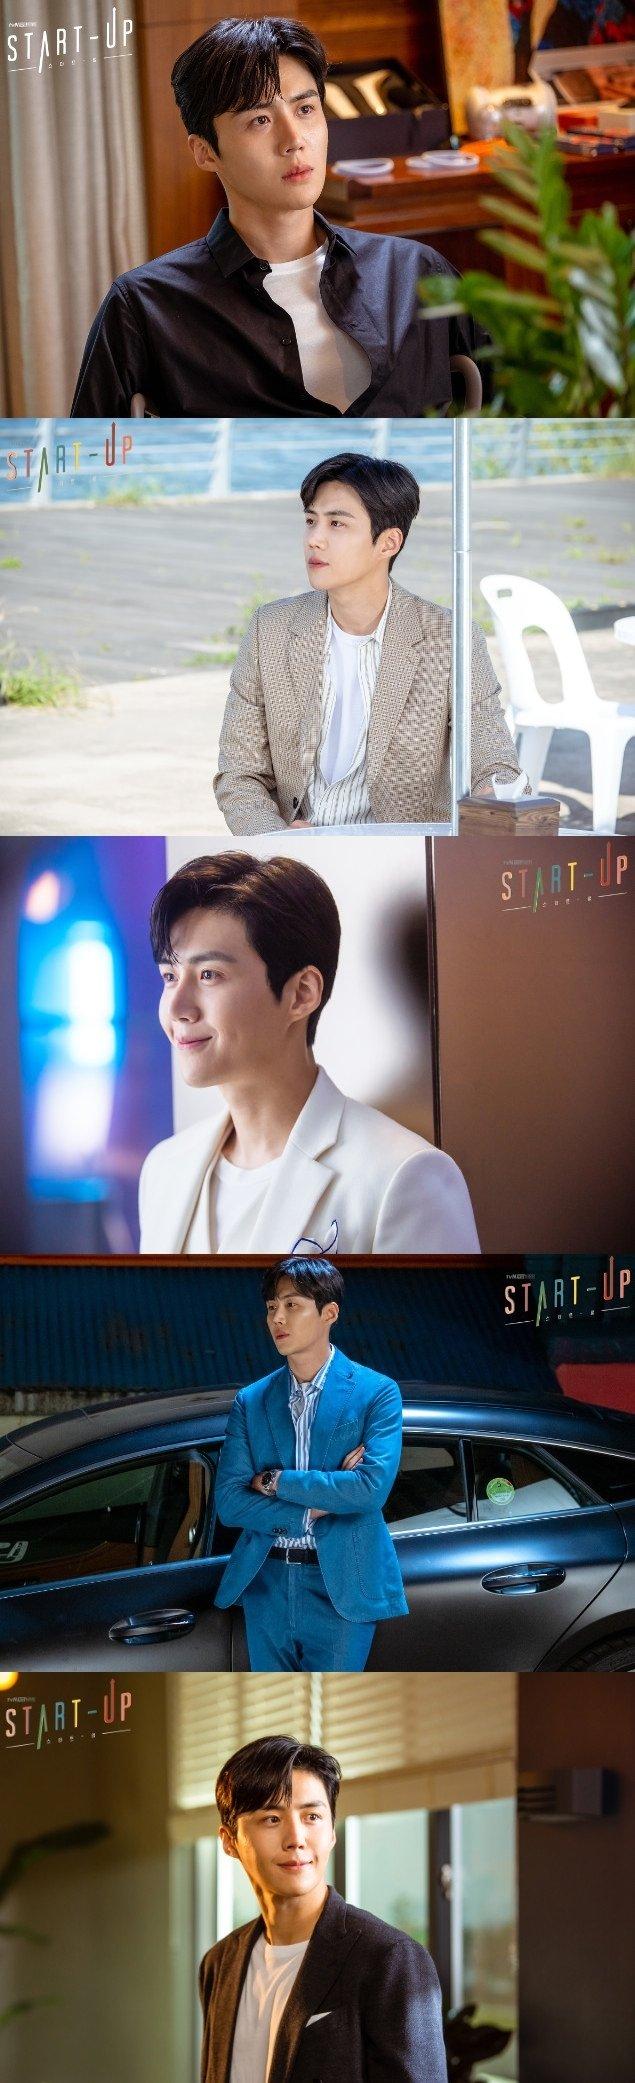 김선호/tvN 스타트업 홈페이지 © 뉴스1